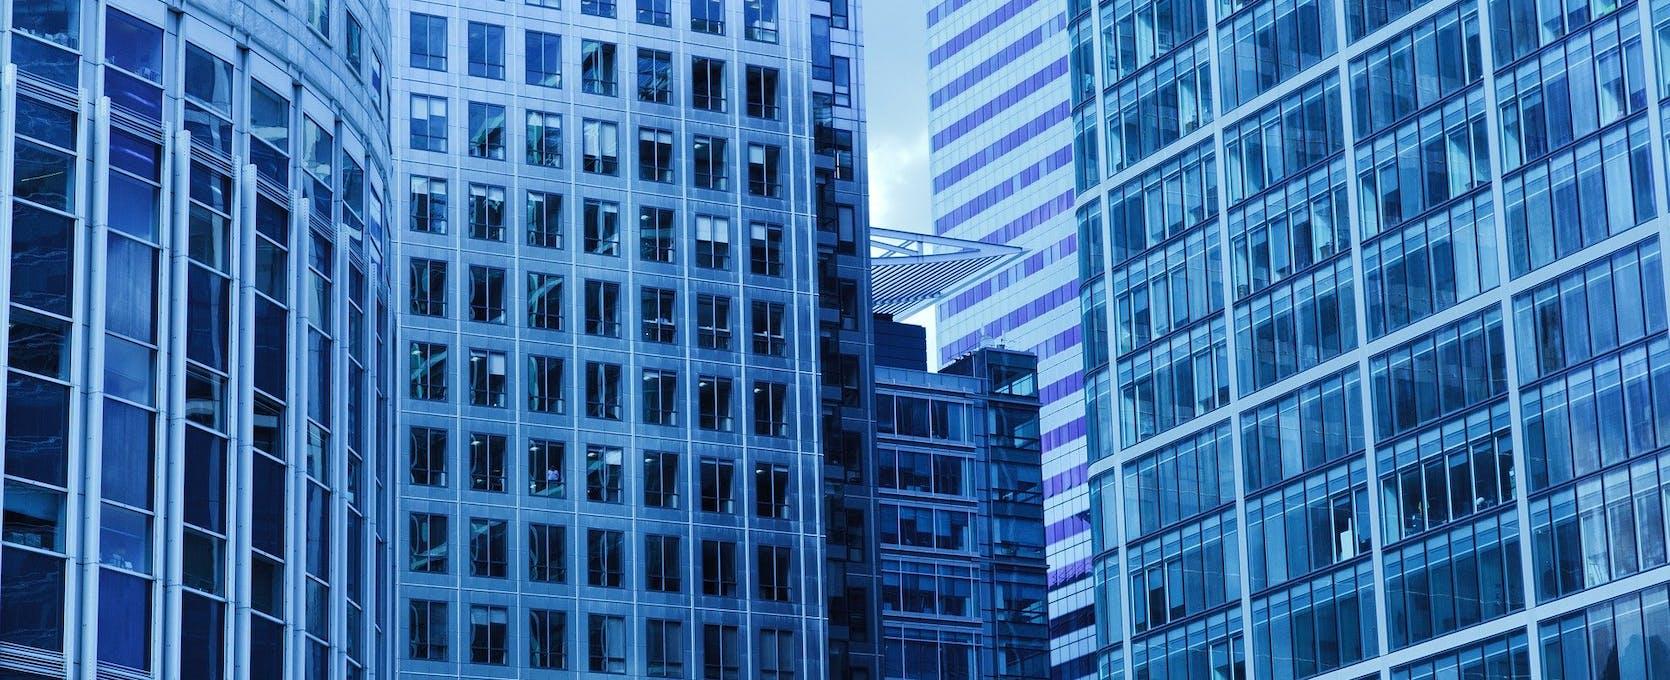 Blue city buildings